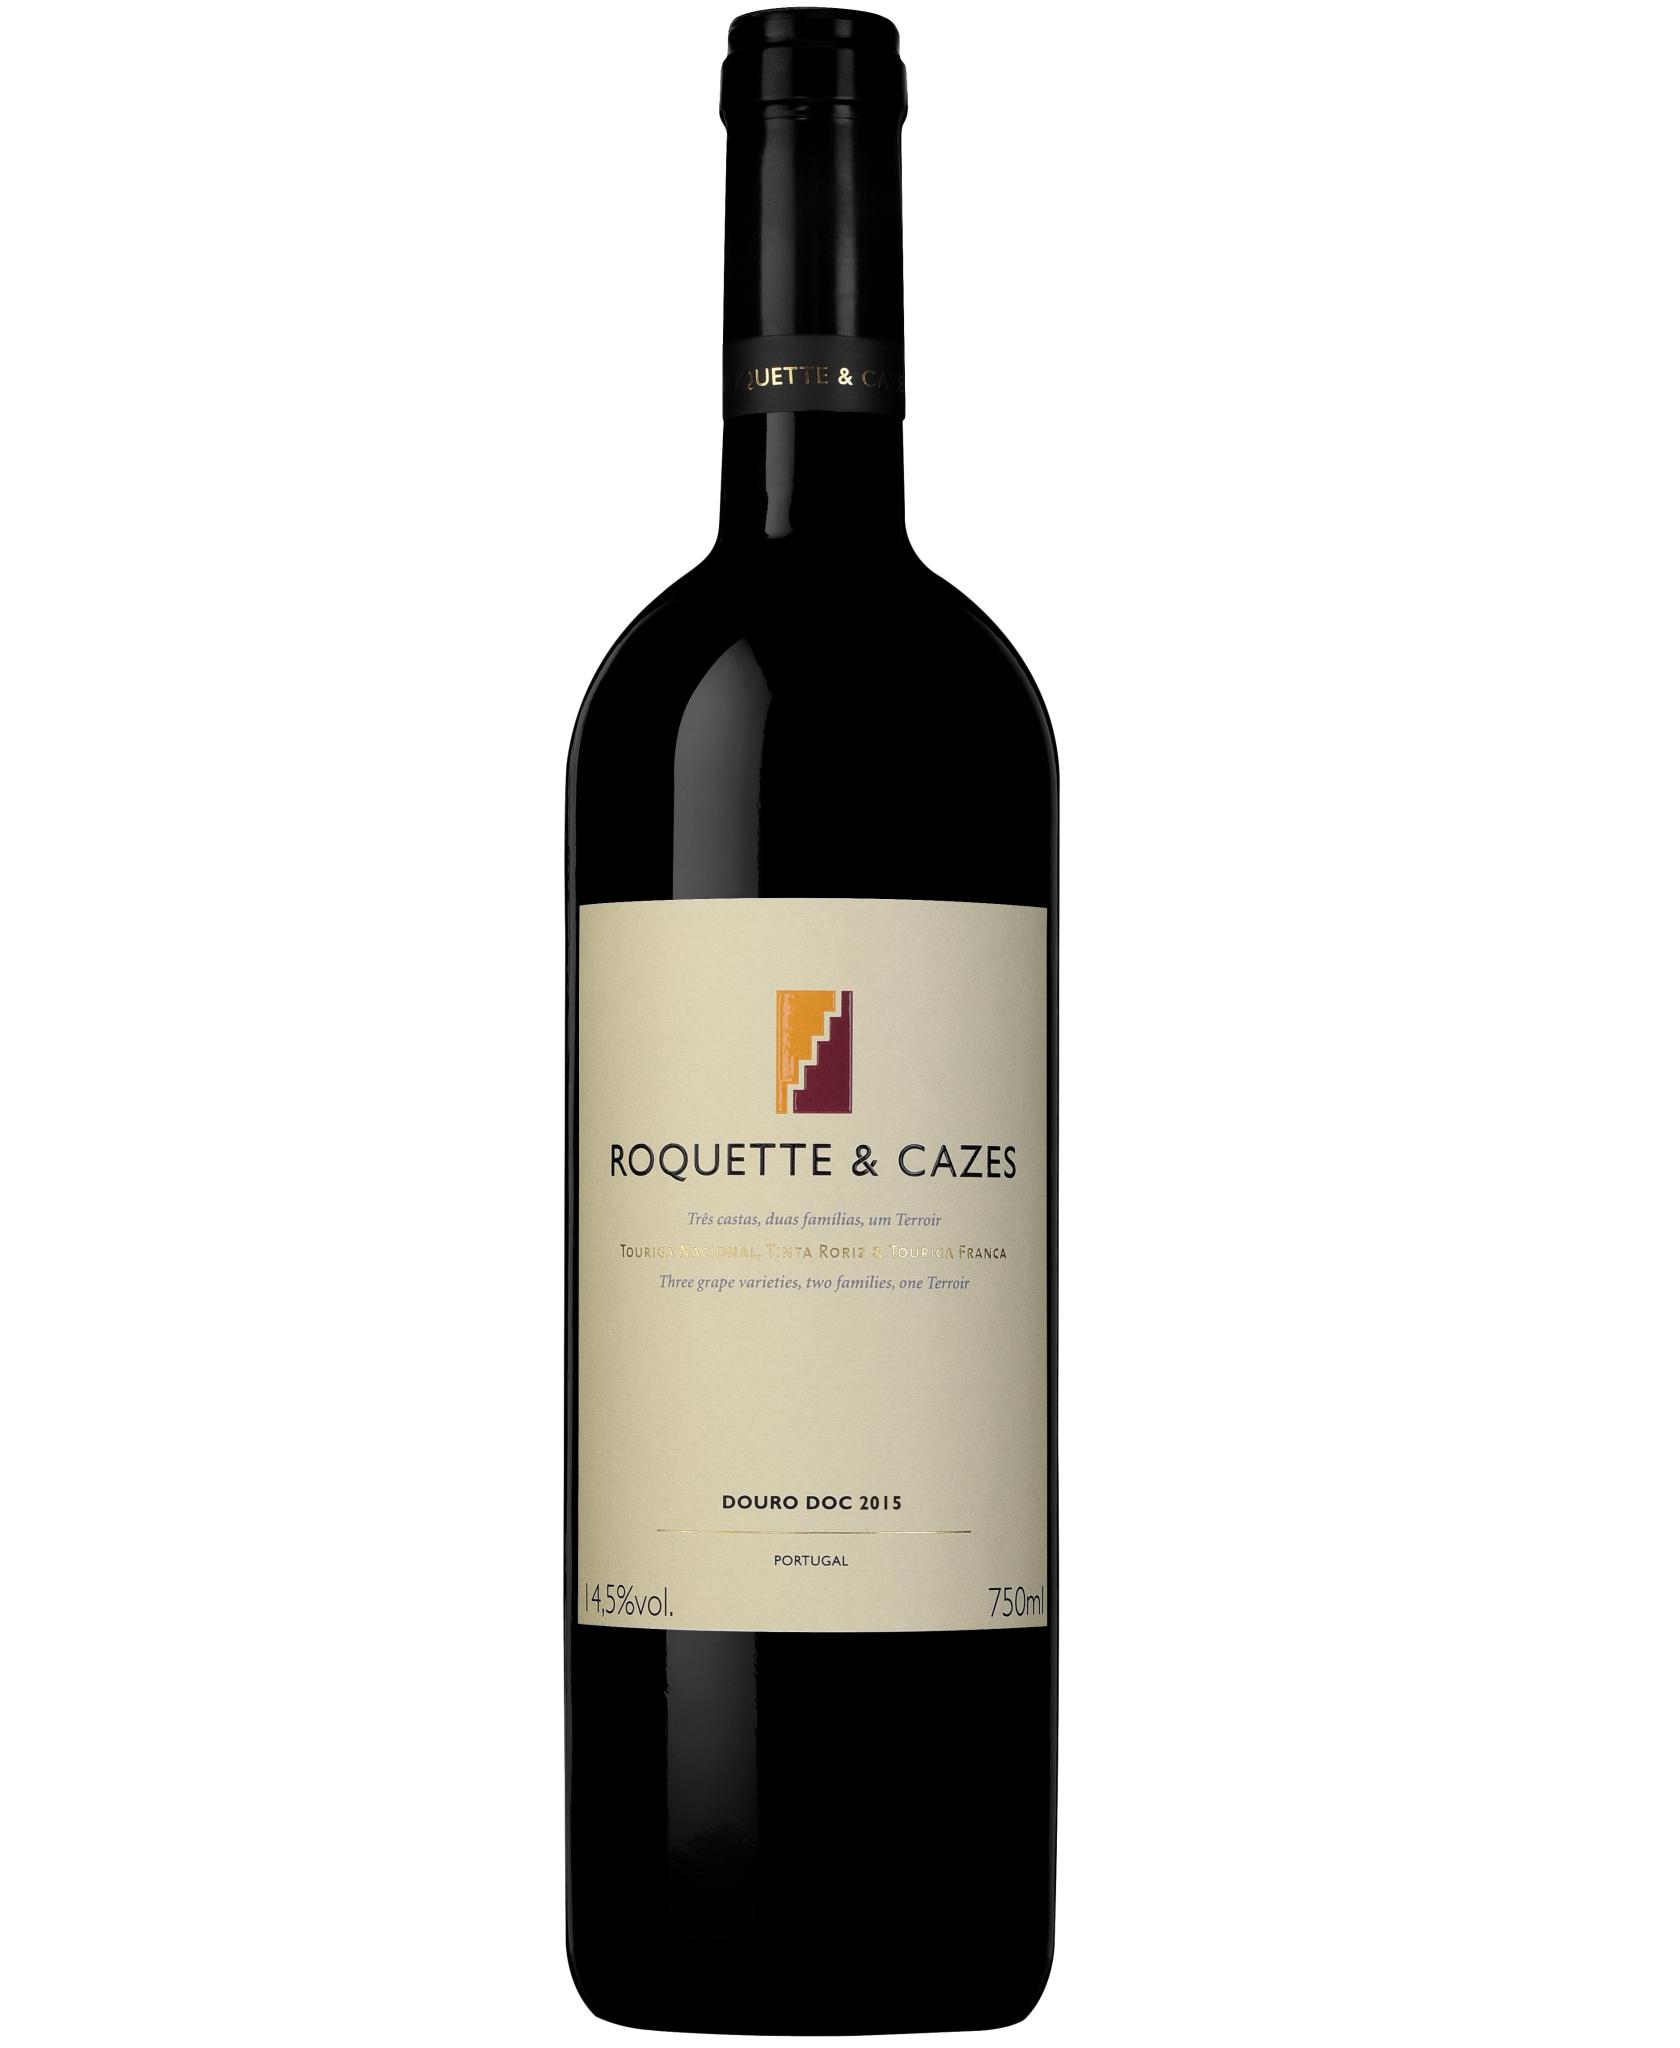 Roquette & Cazes 2015